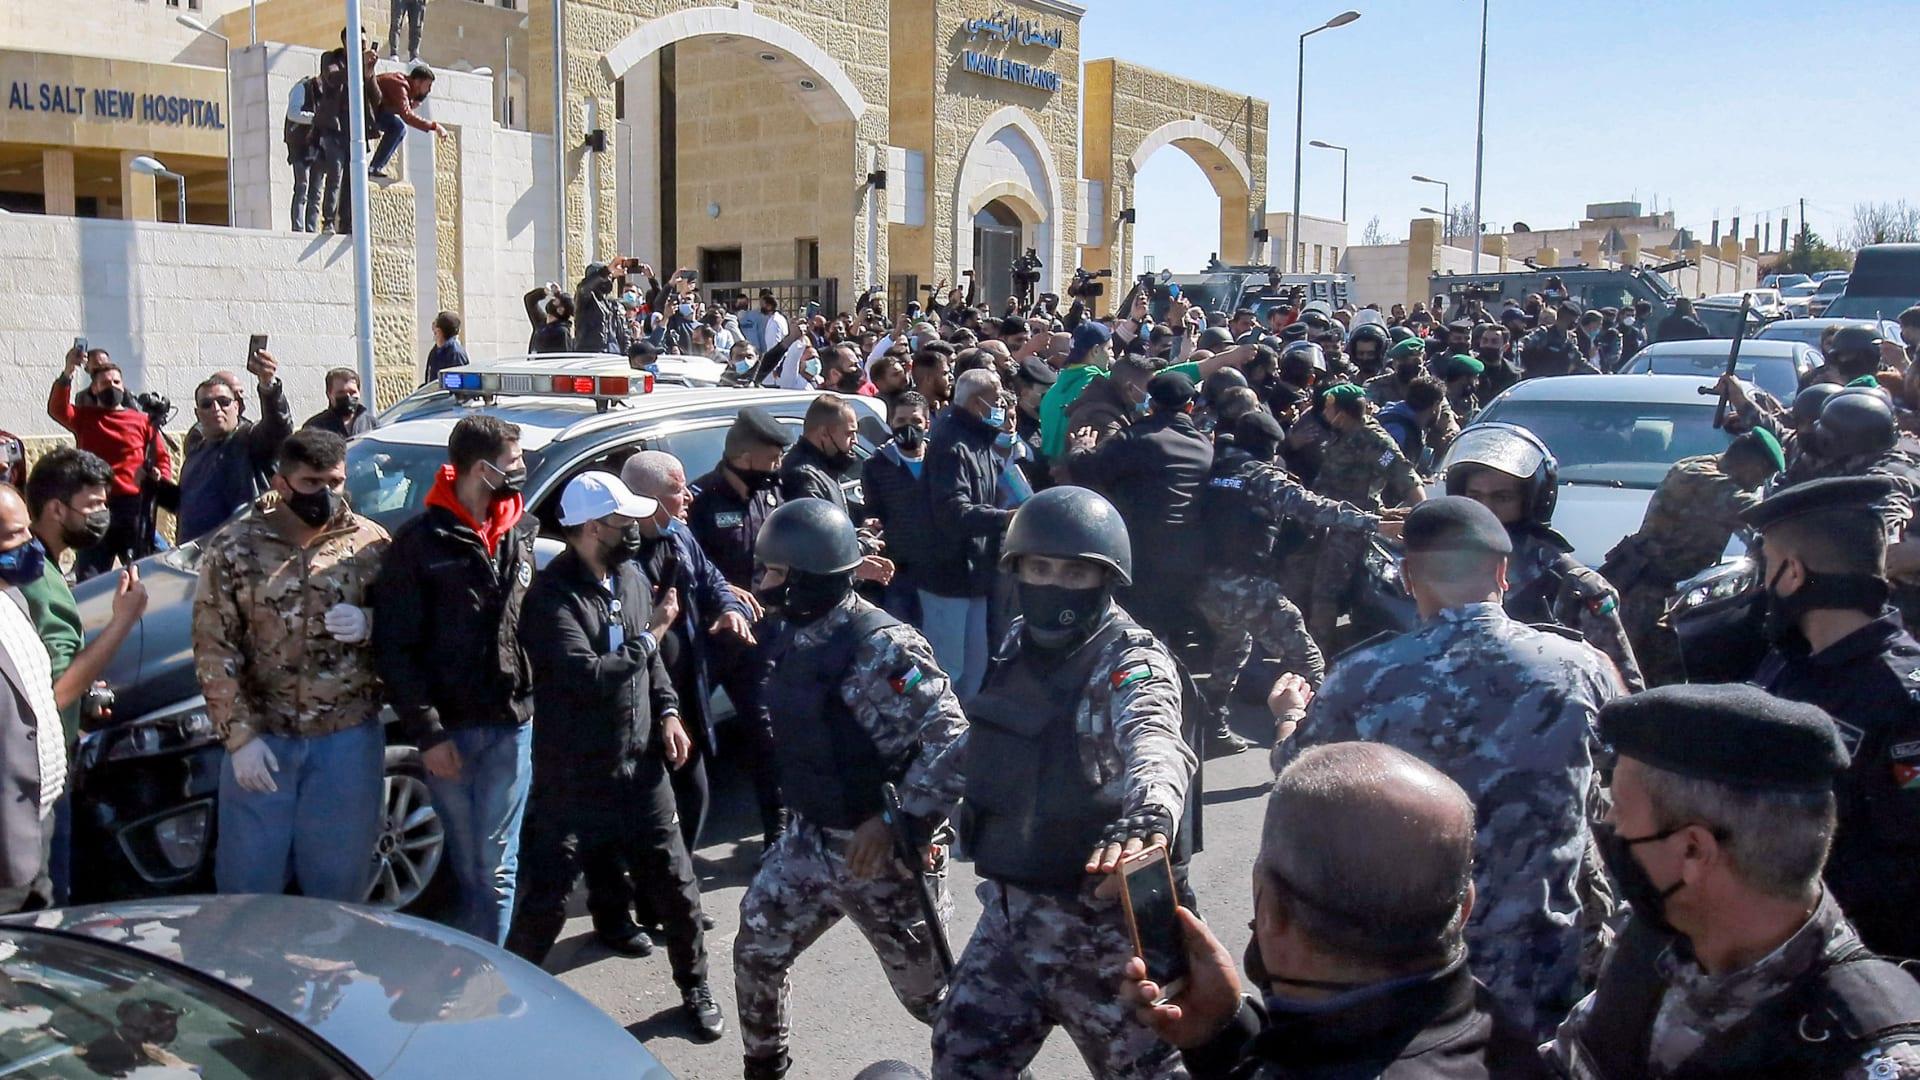 الأردن: الملك عبد الله يزور مستشفى السلط بعد وفاة مرضى بسبب انقطاع الأكسجين